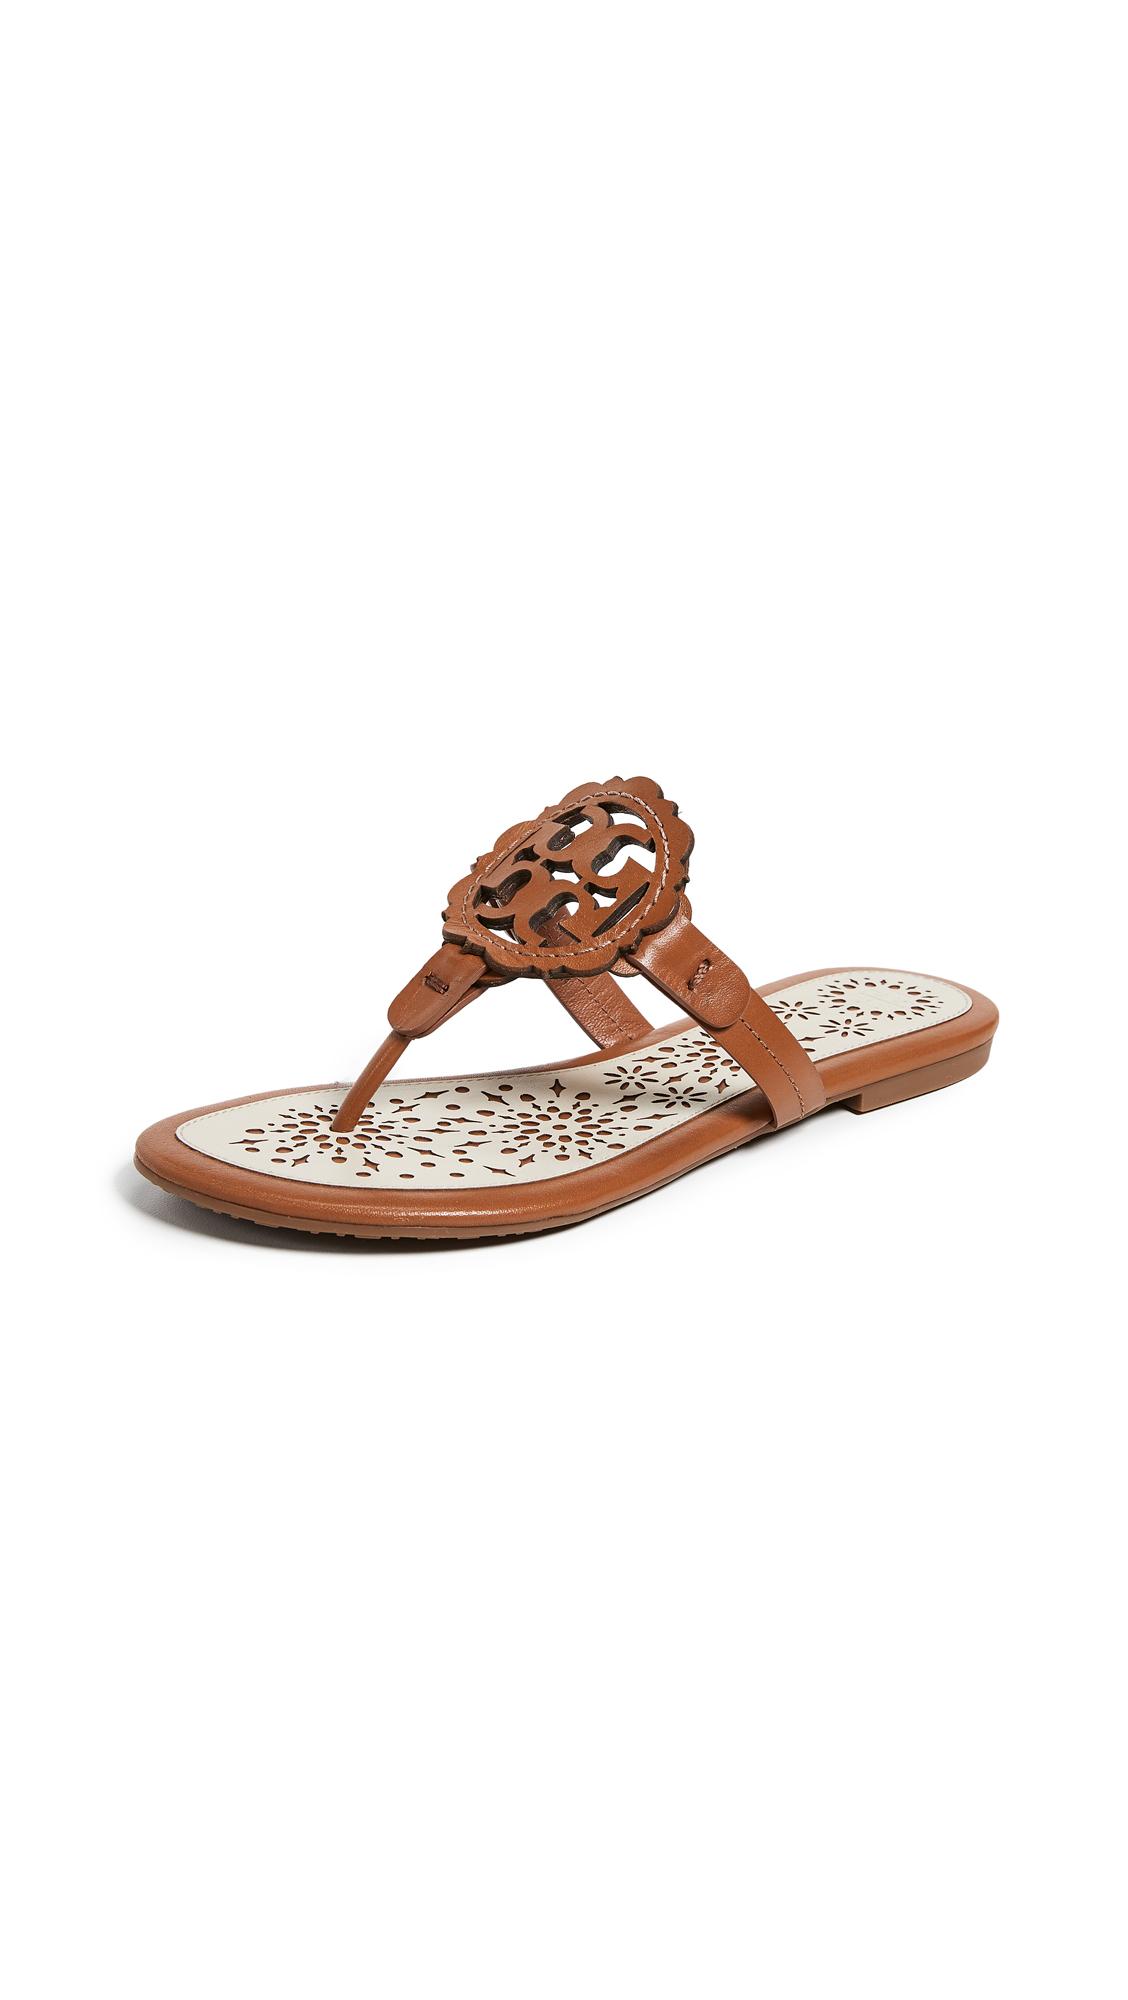 94a1c1c304a Tory Burch Miller Scallop Sandals In Tan New Cream